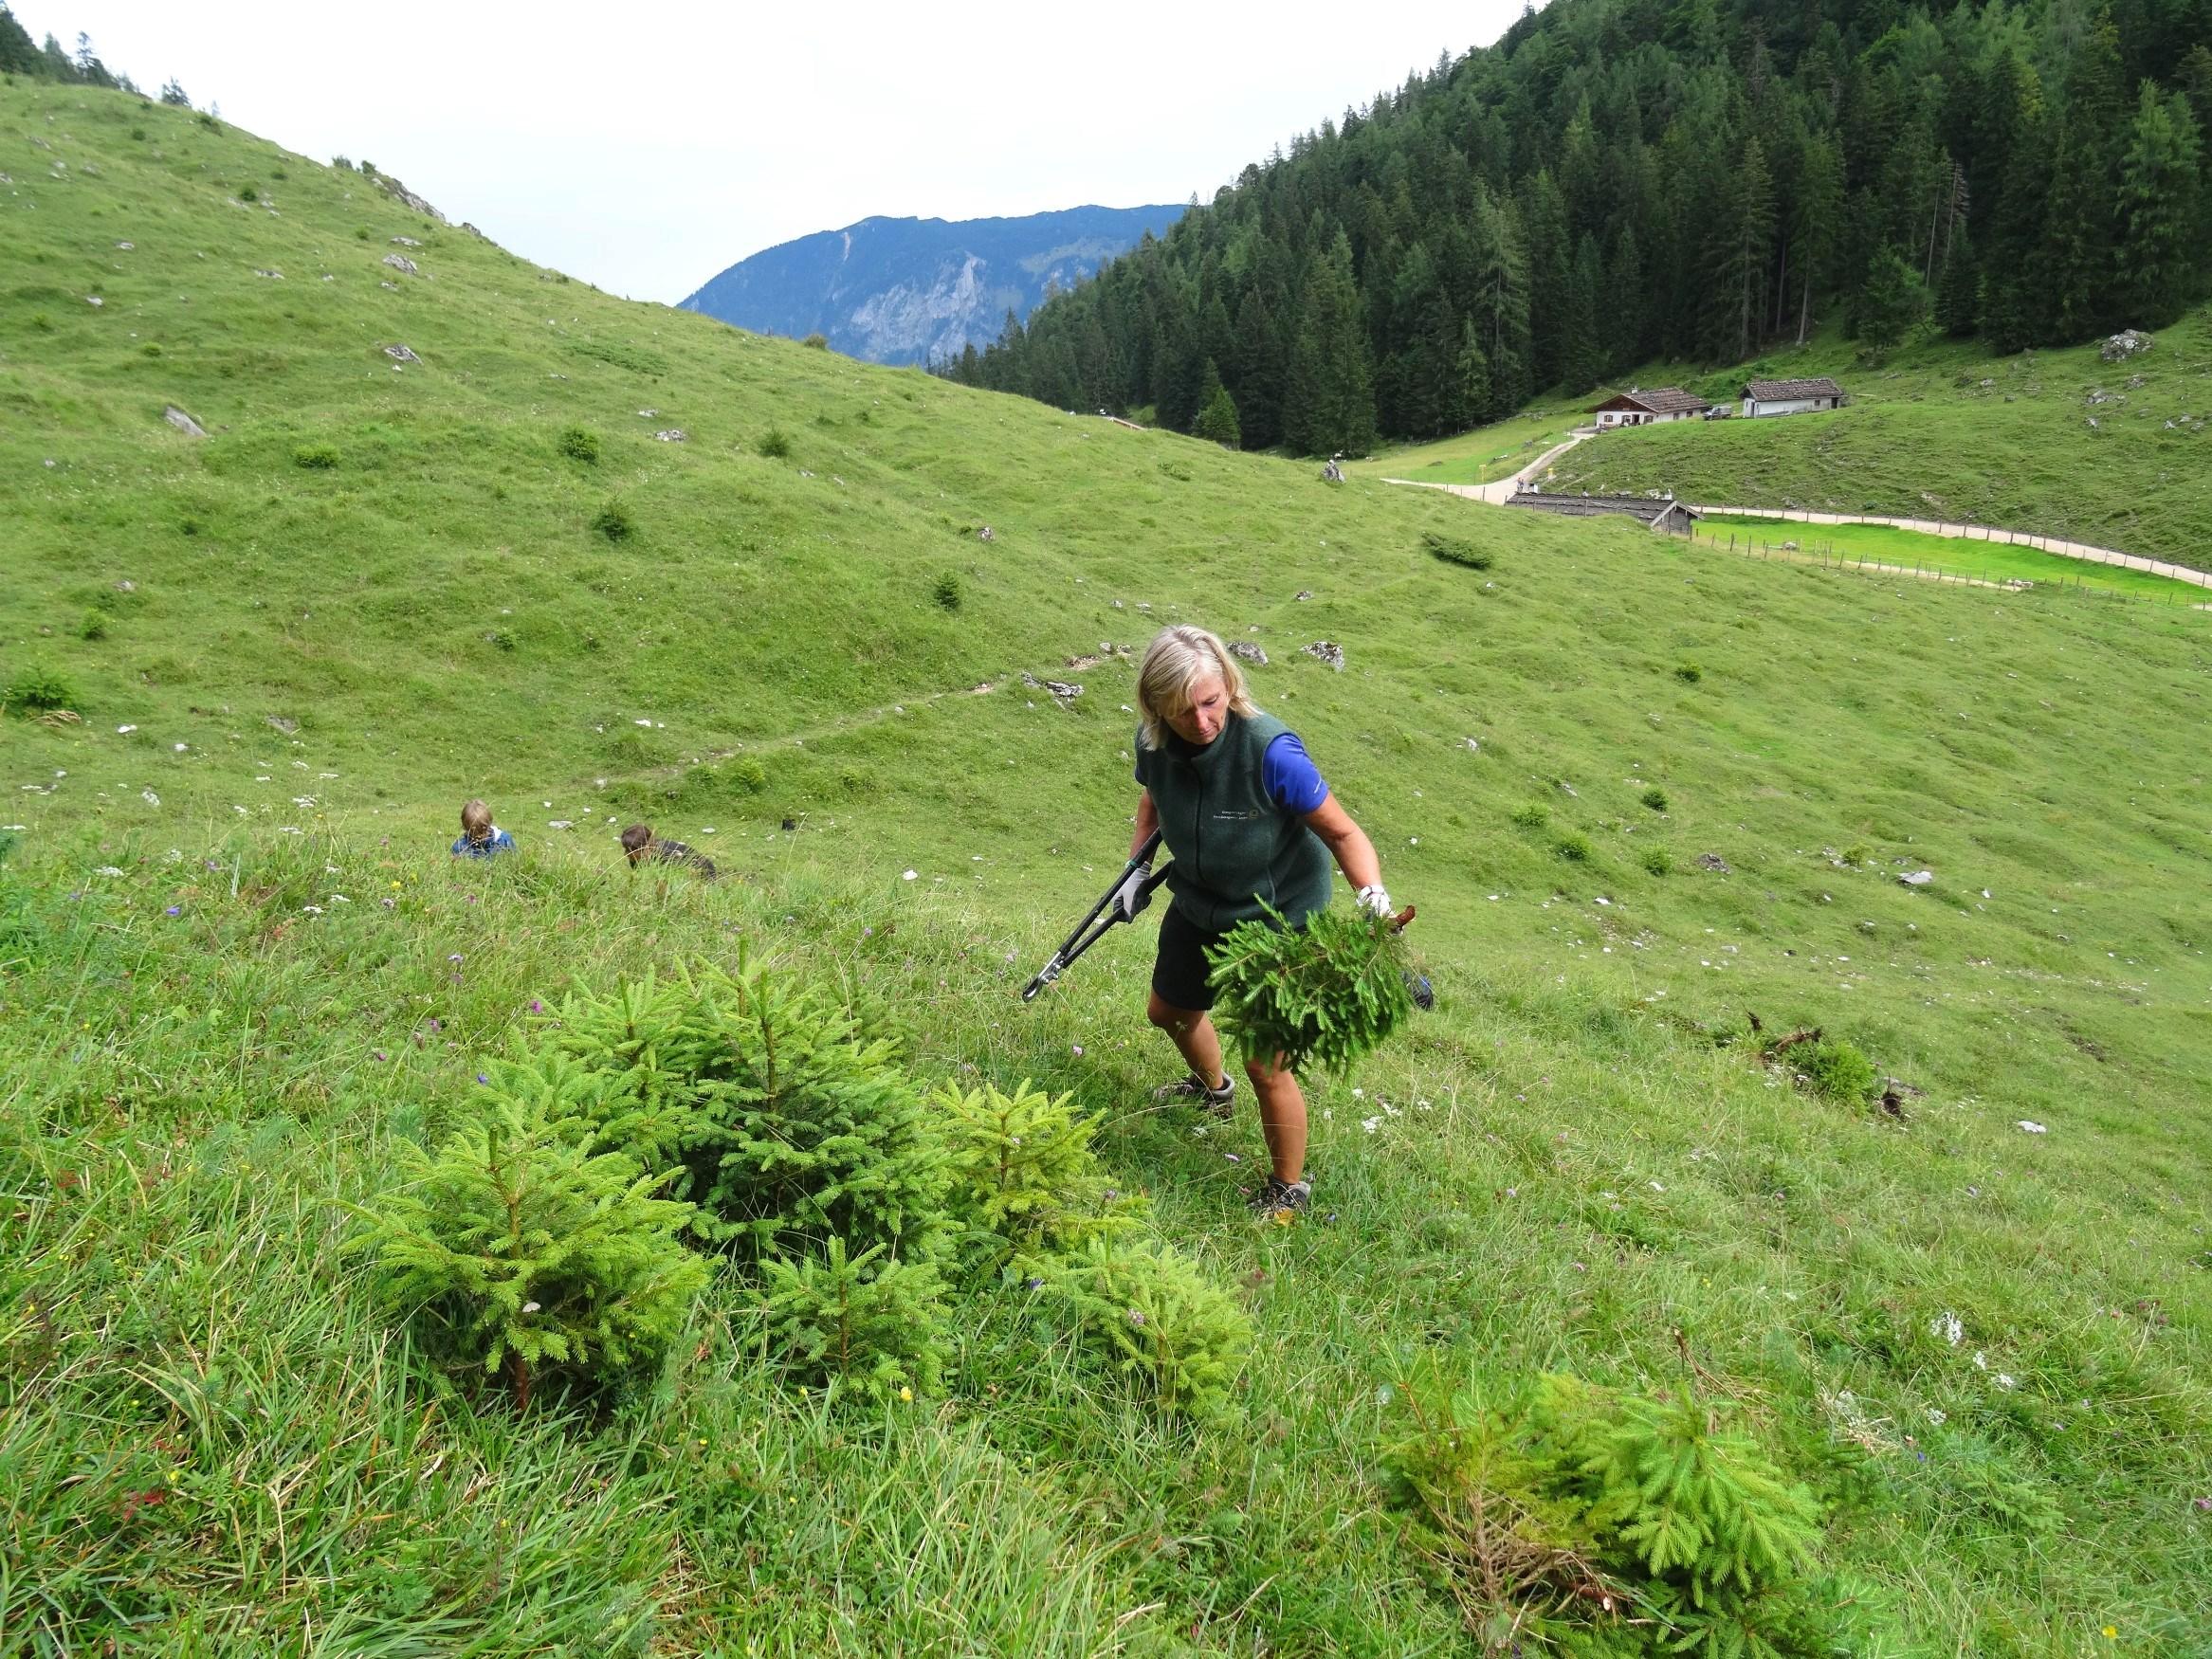 Biosphaerenregion Berchtesgadener Land Schuetzen Unterstuetzen 207